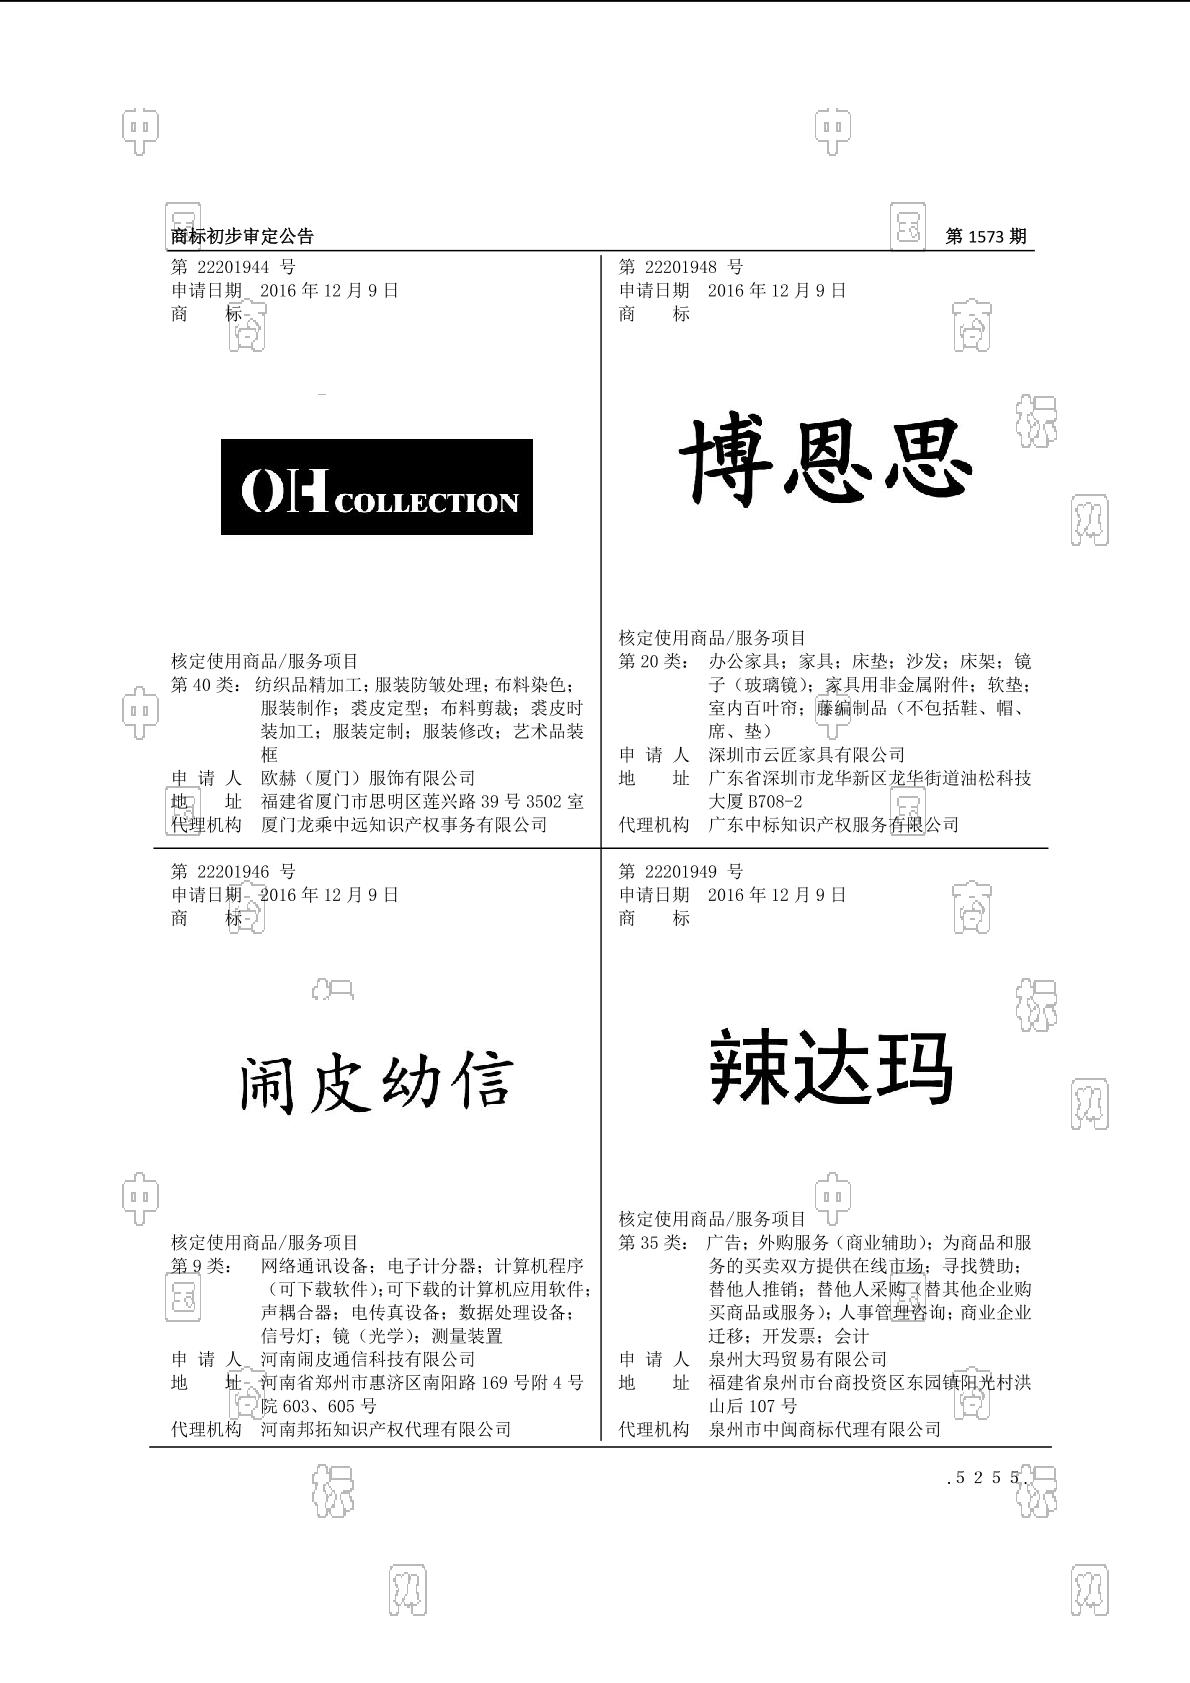 【社标网】OH COLLECTION商标状态注册号信息 欧赫(厦门)服饰有限公司商标信息-商标查询